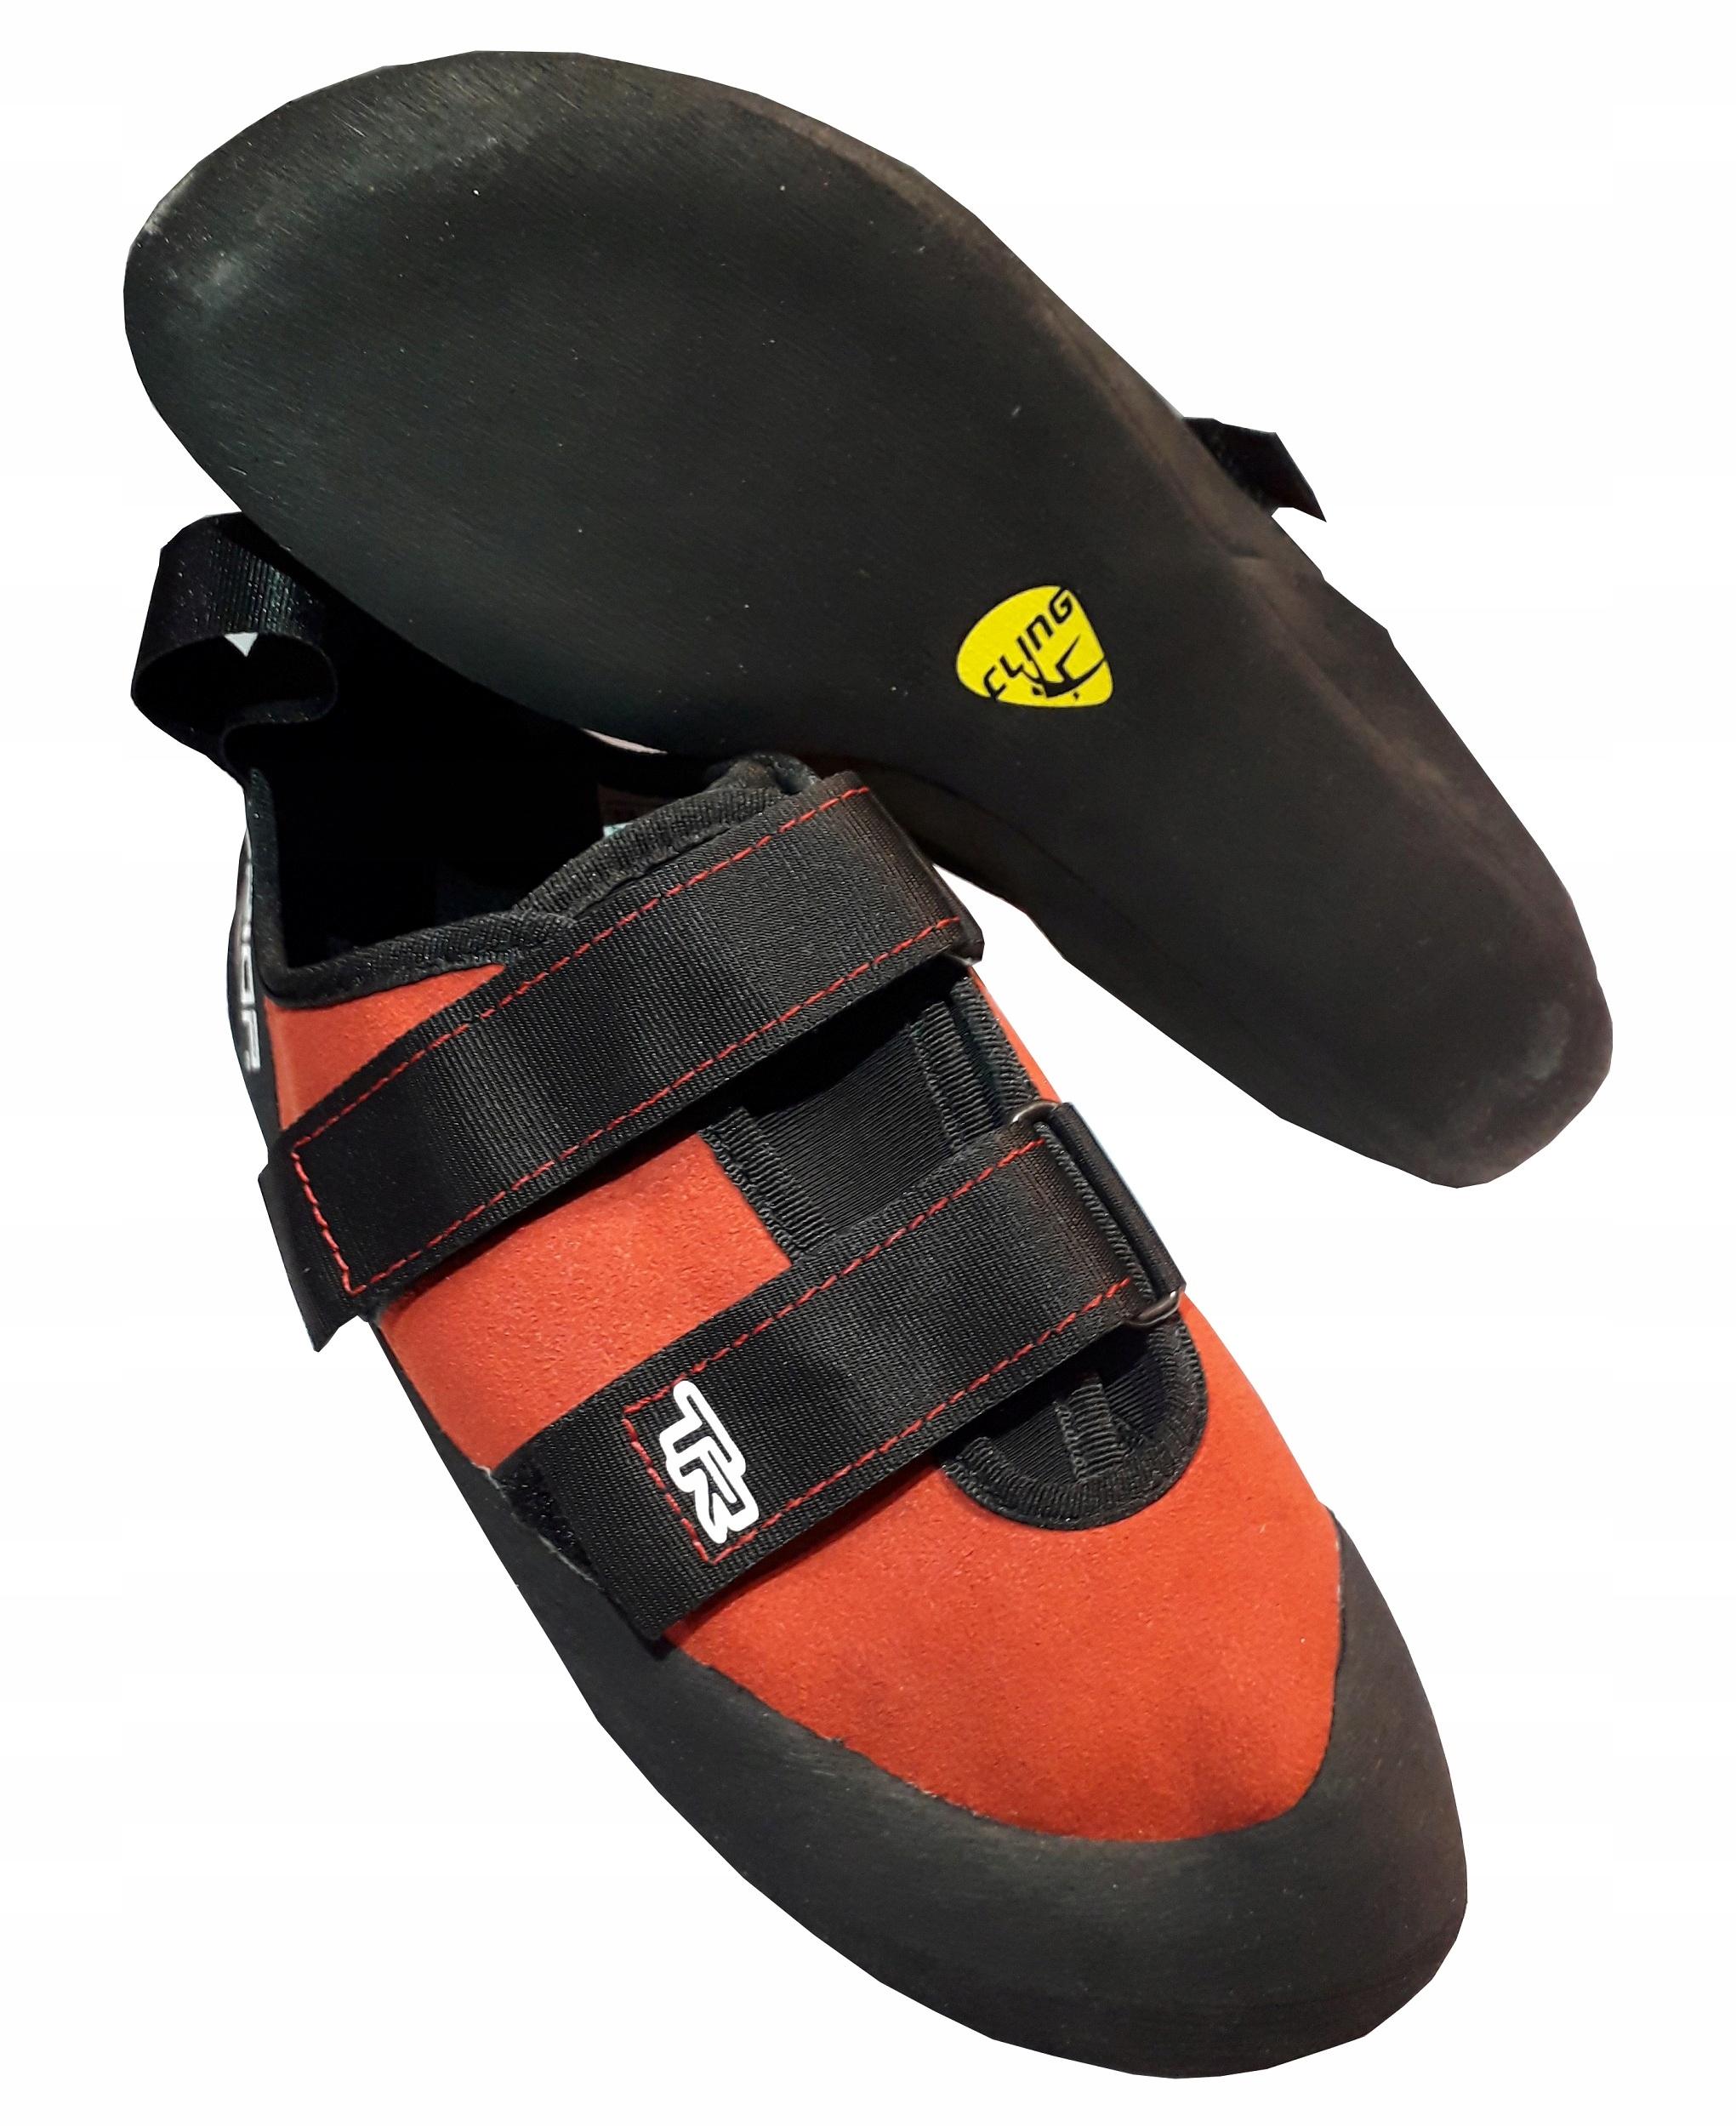 Buty wspinaczkowe TRIOP Splash (rozmiar butów: 43)